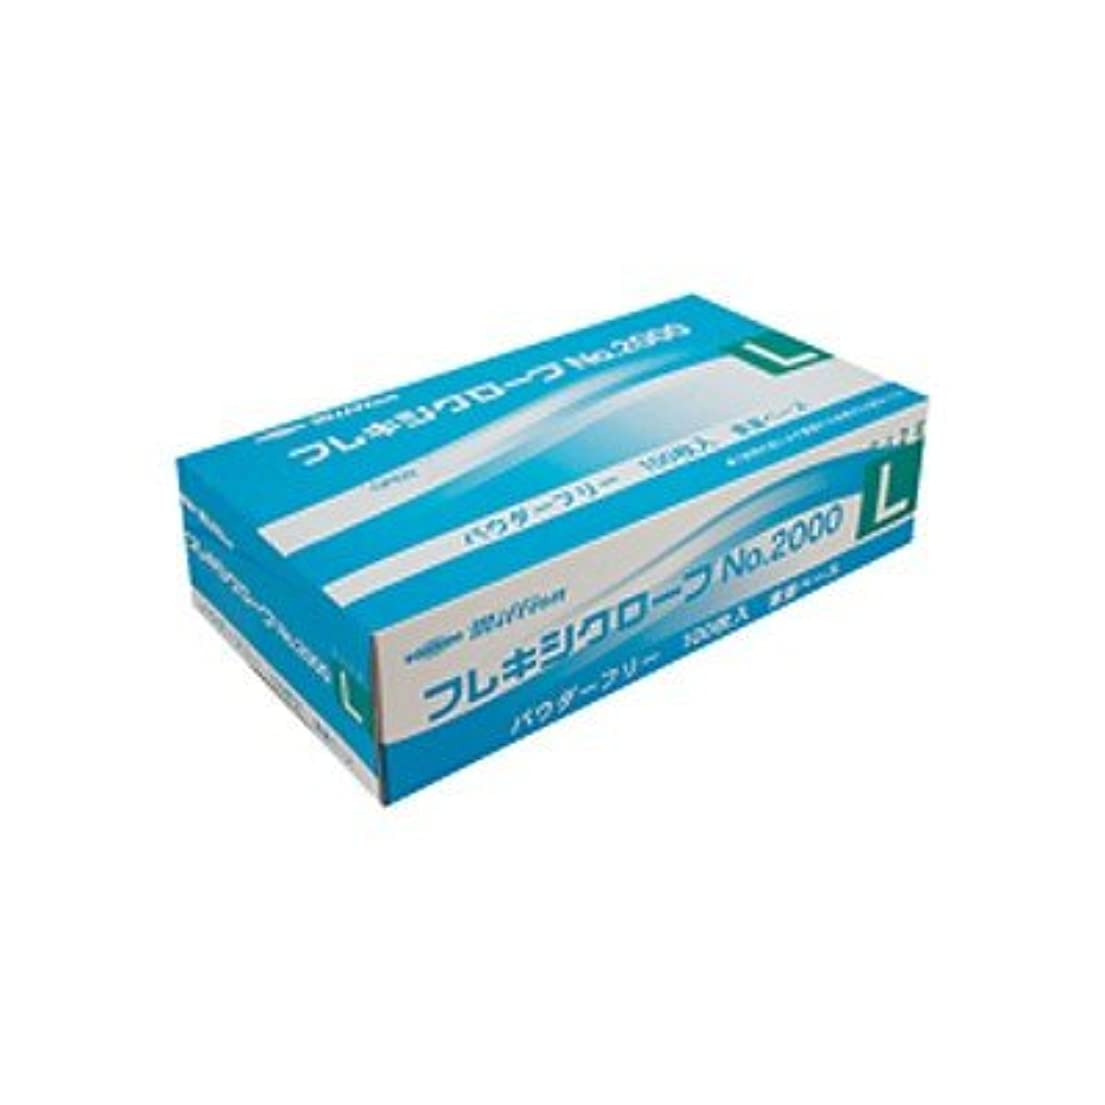 トロピカル復活させる注ぎますミリオン プラスチック手袋 粉無No.2000 L 品番:LH-2000-L 注文番号:62741620 メーカー:共和